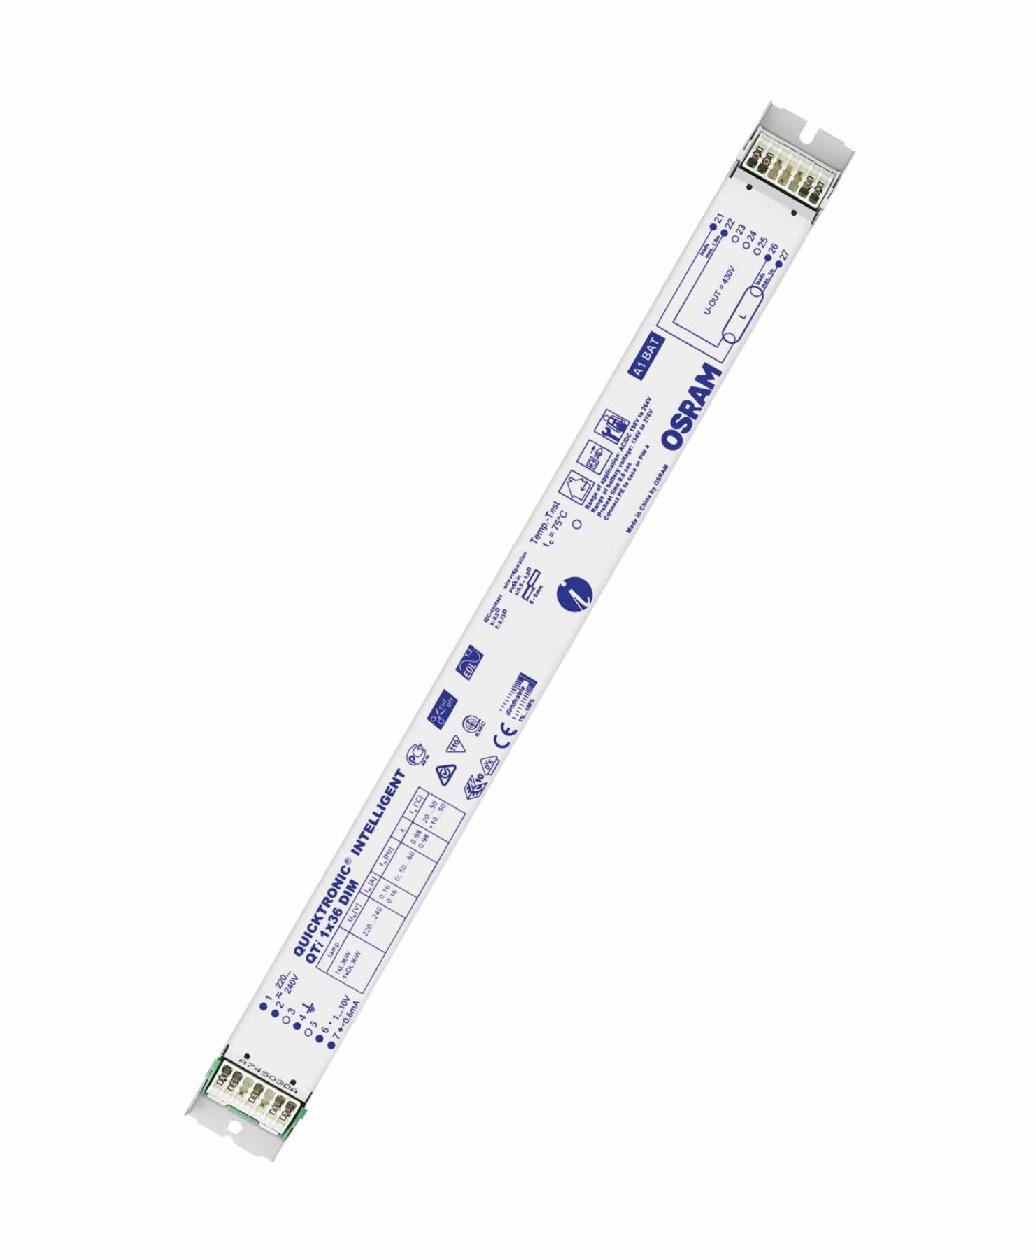 1 Stk EVG QT 1x36/220-240 für T8 dimmbar 1-10V LI5Z870625